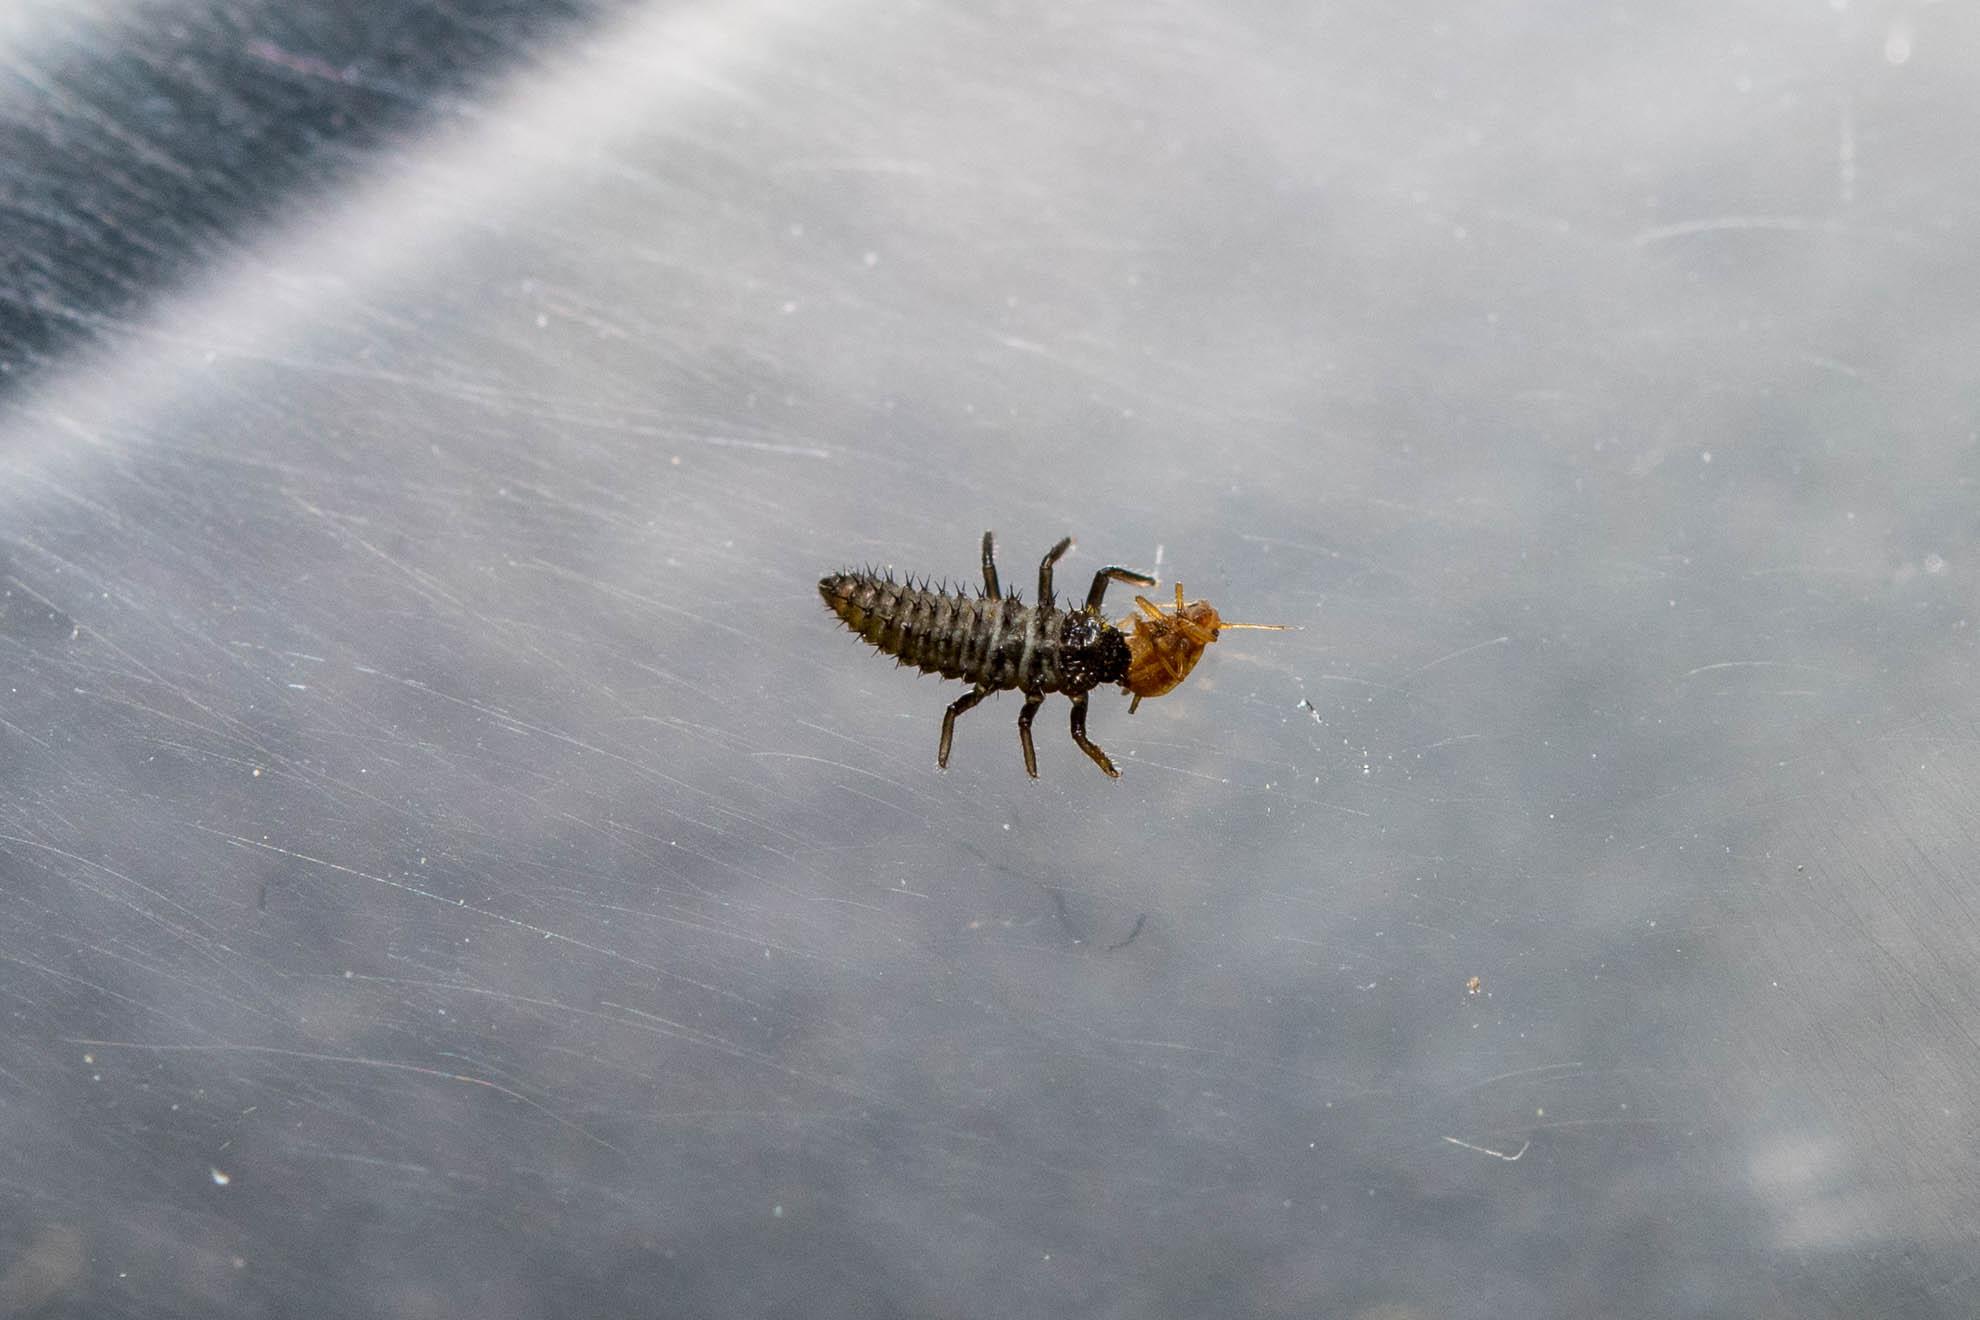 ナミテントウの1齢幼虫がアブラムシを捕食